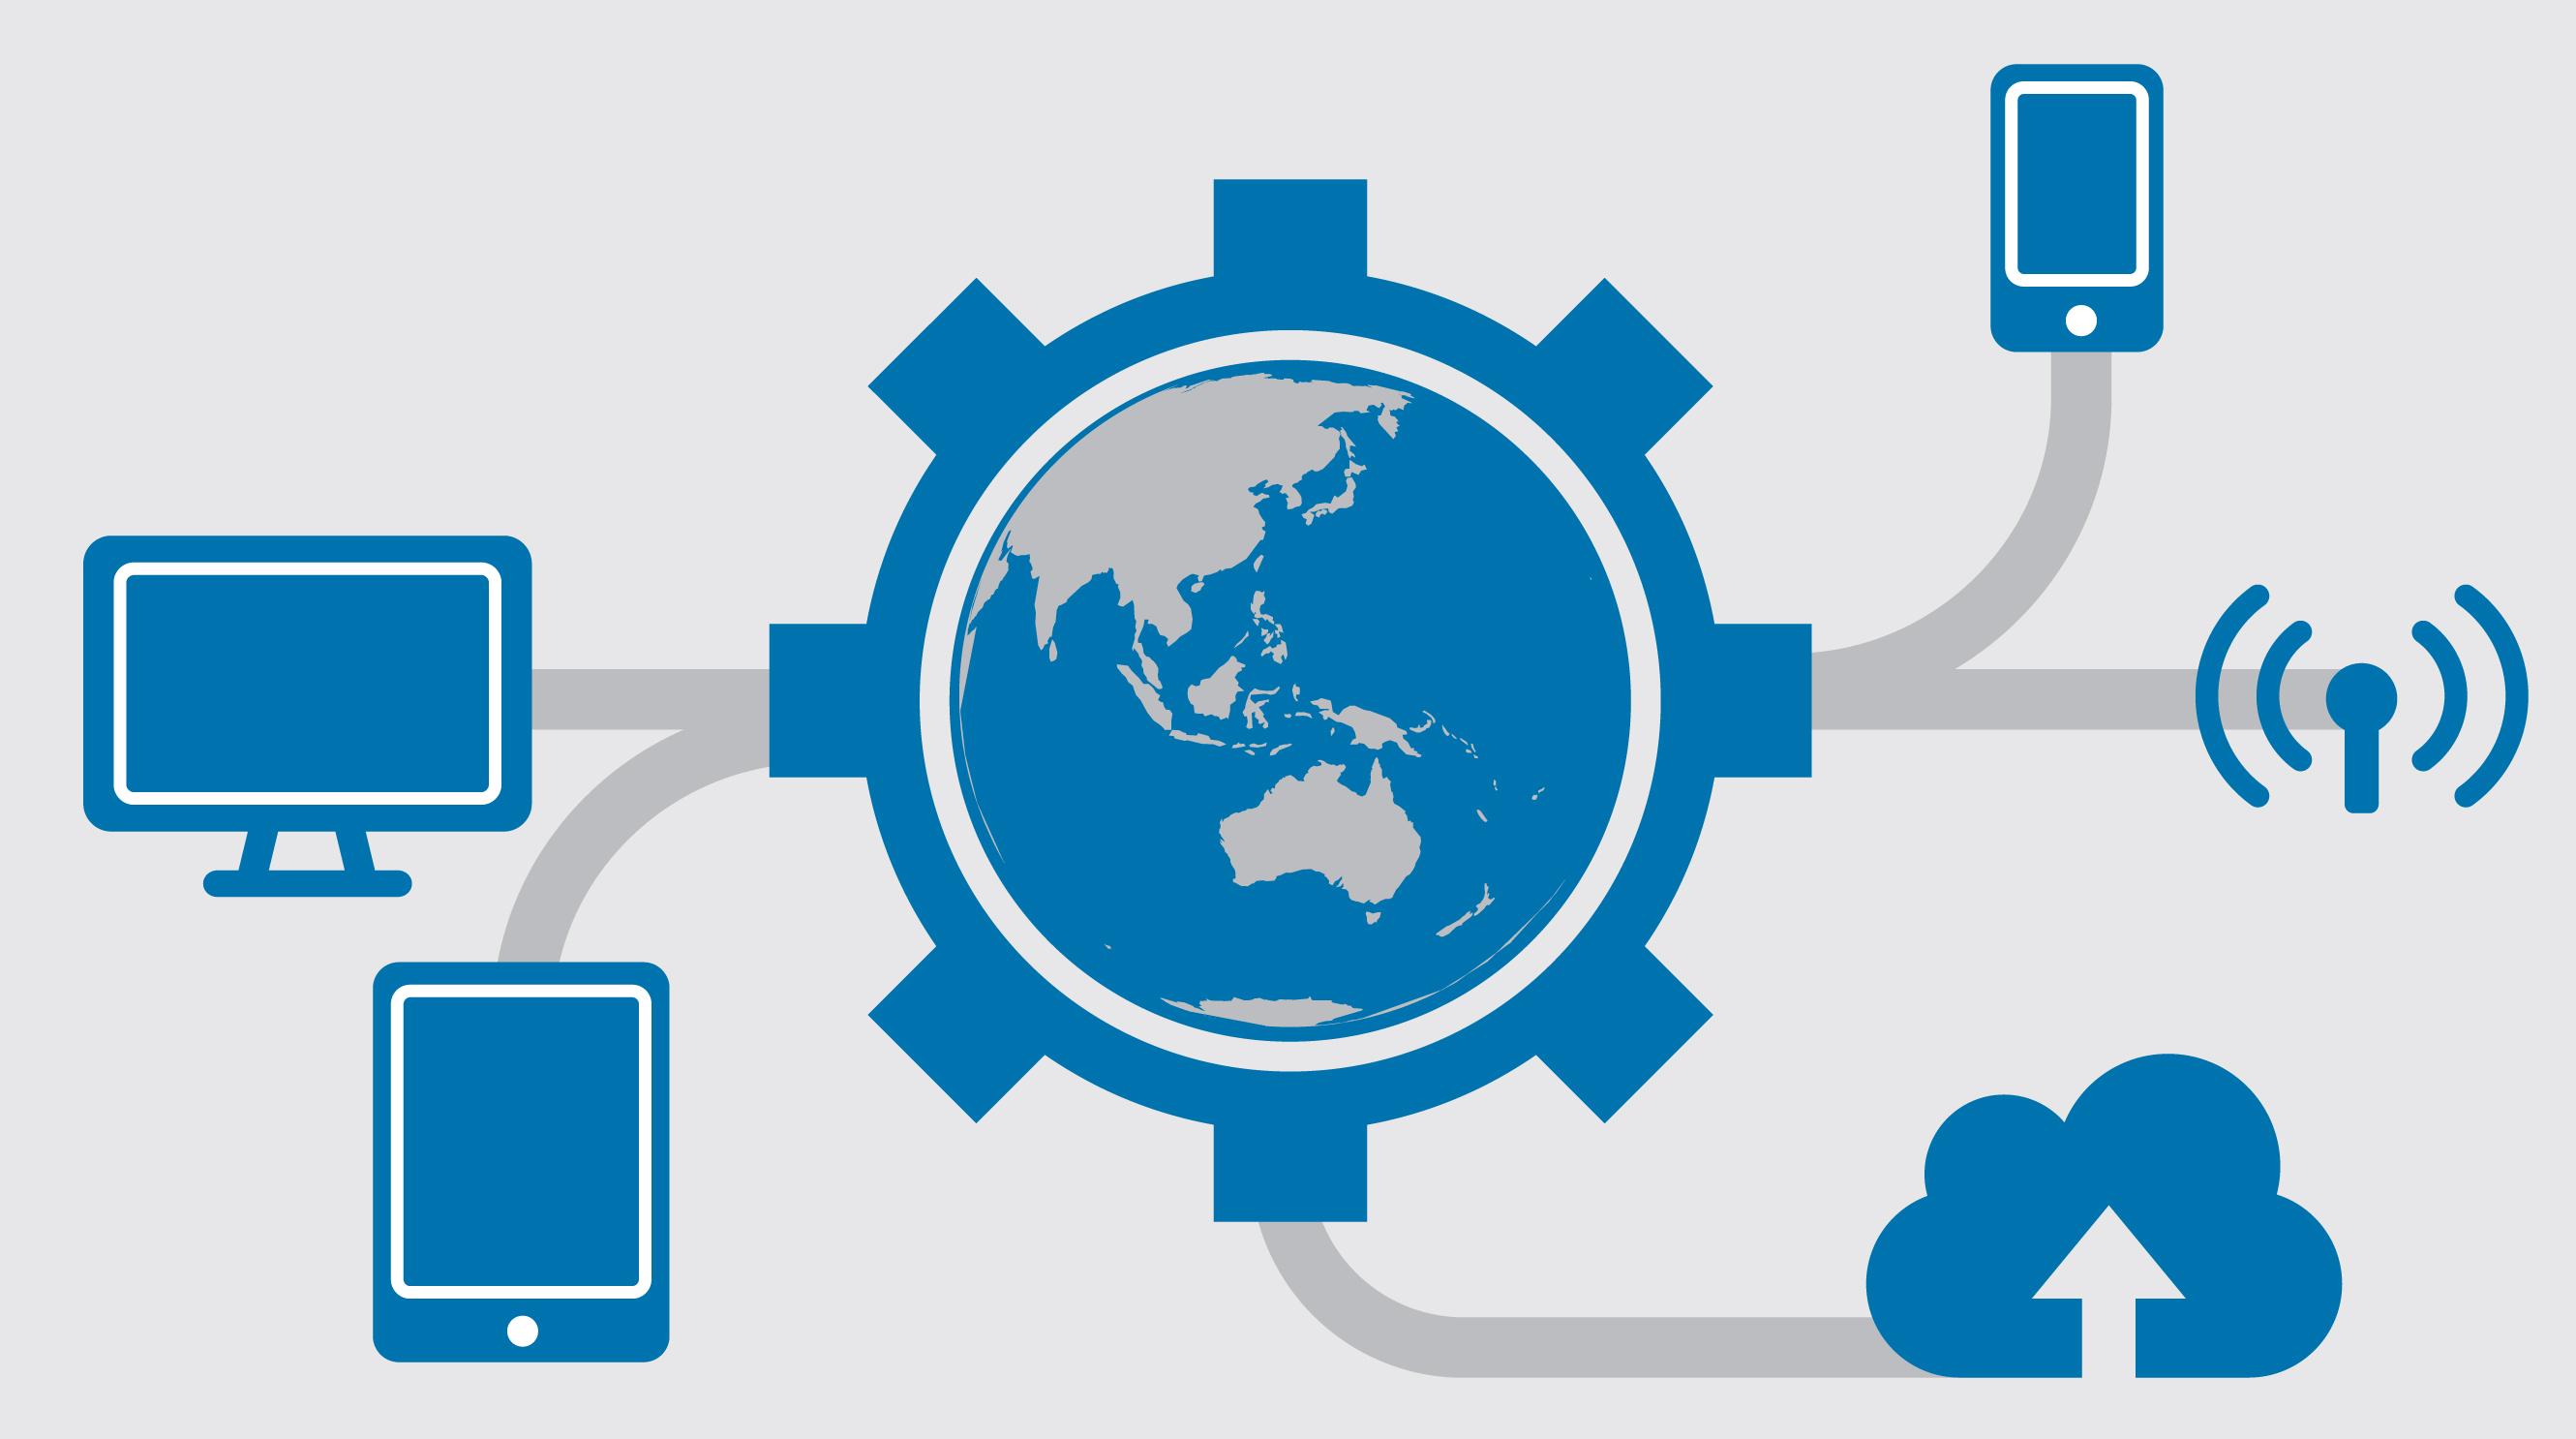 Economia Digitale: quanto vale il futuro?